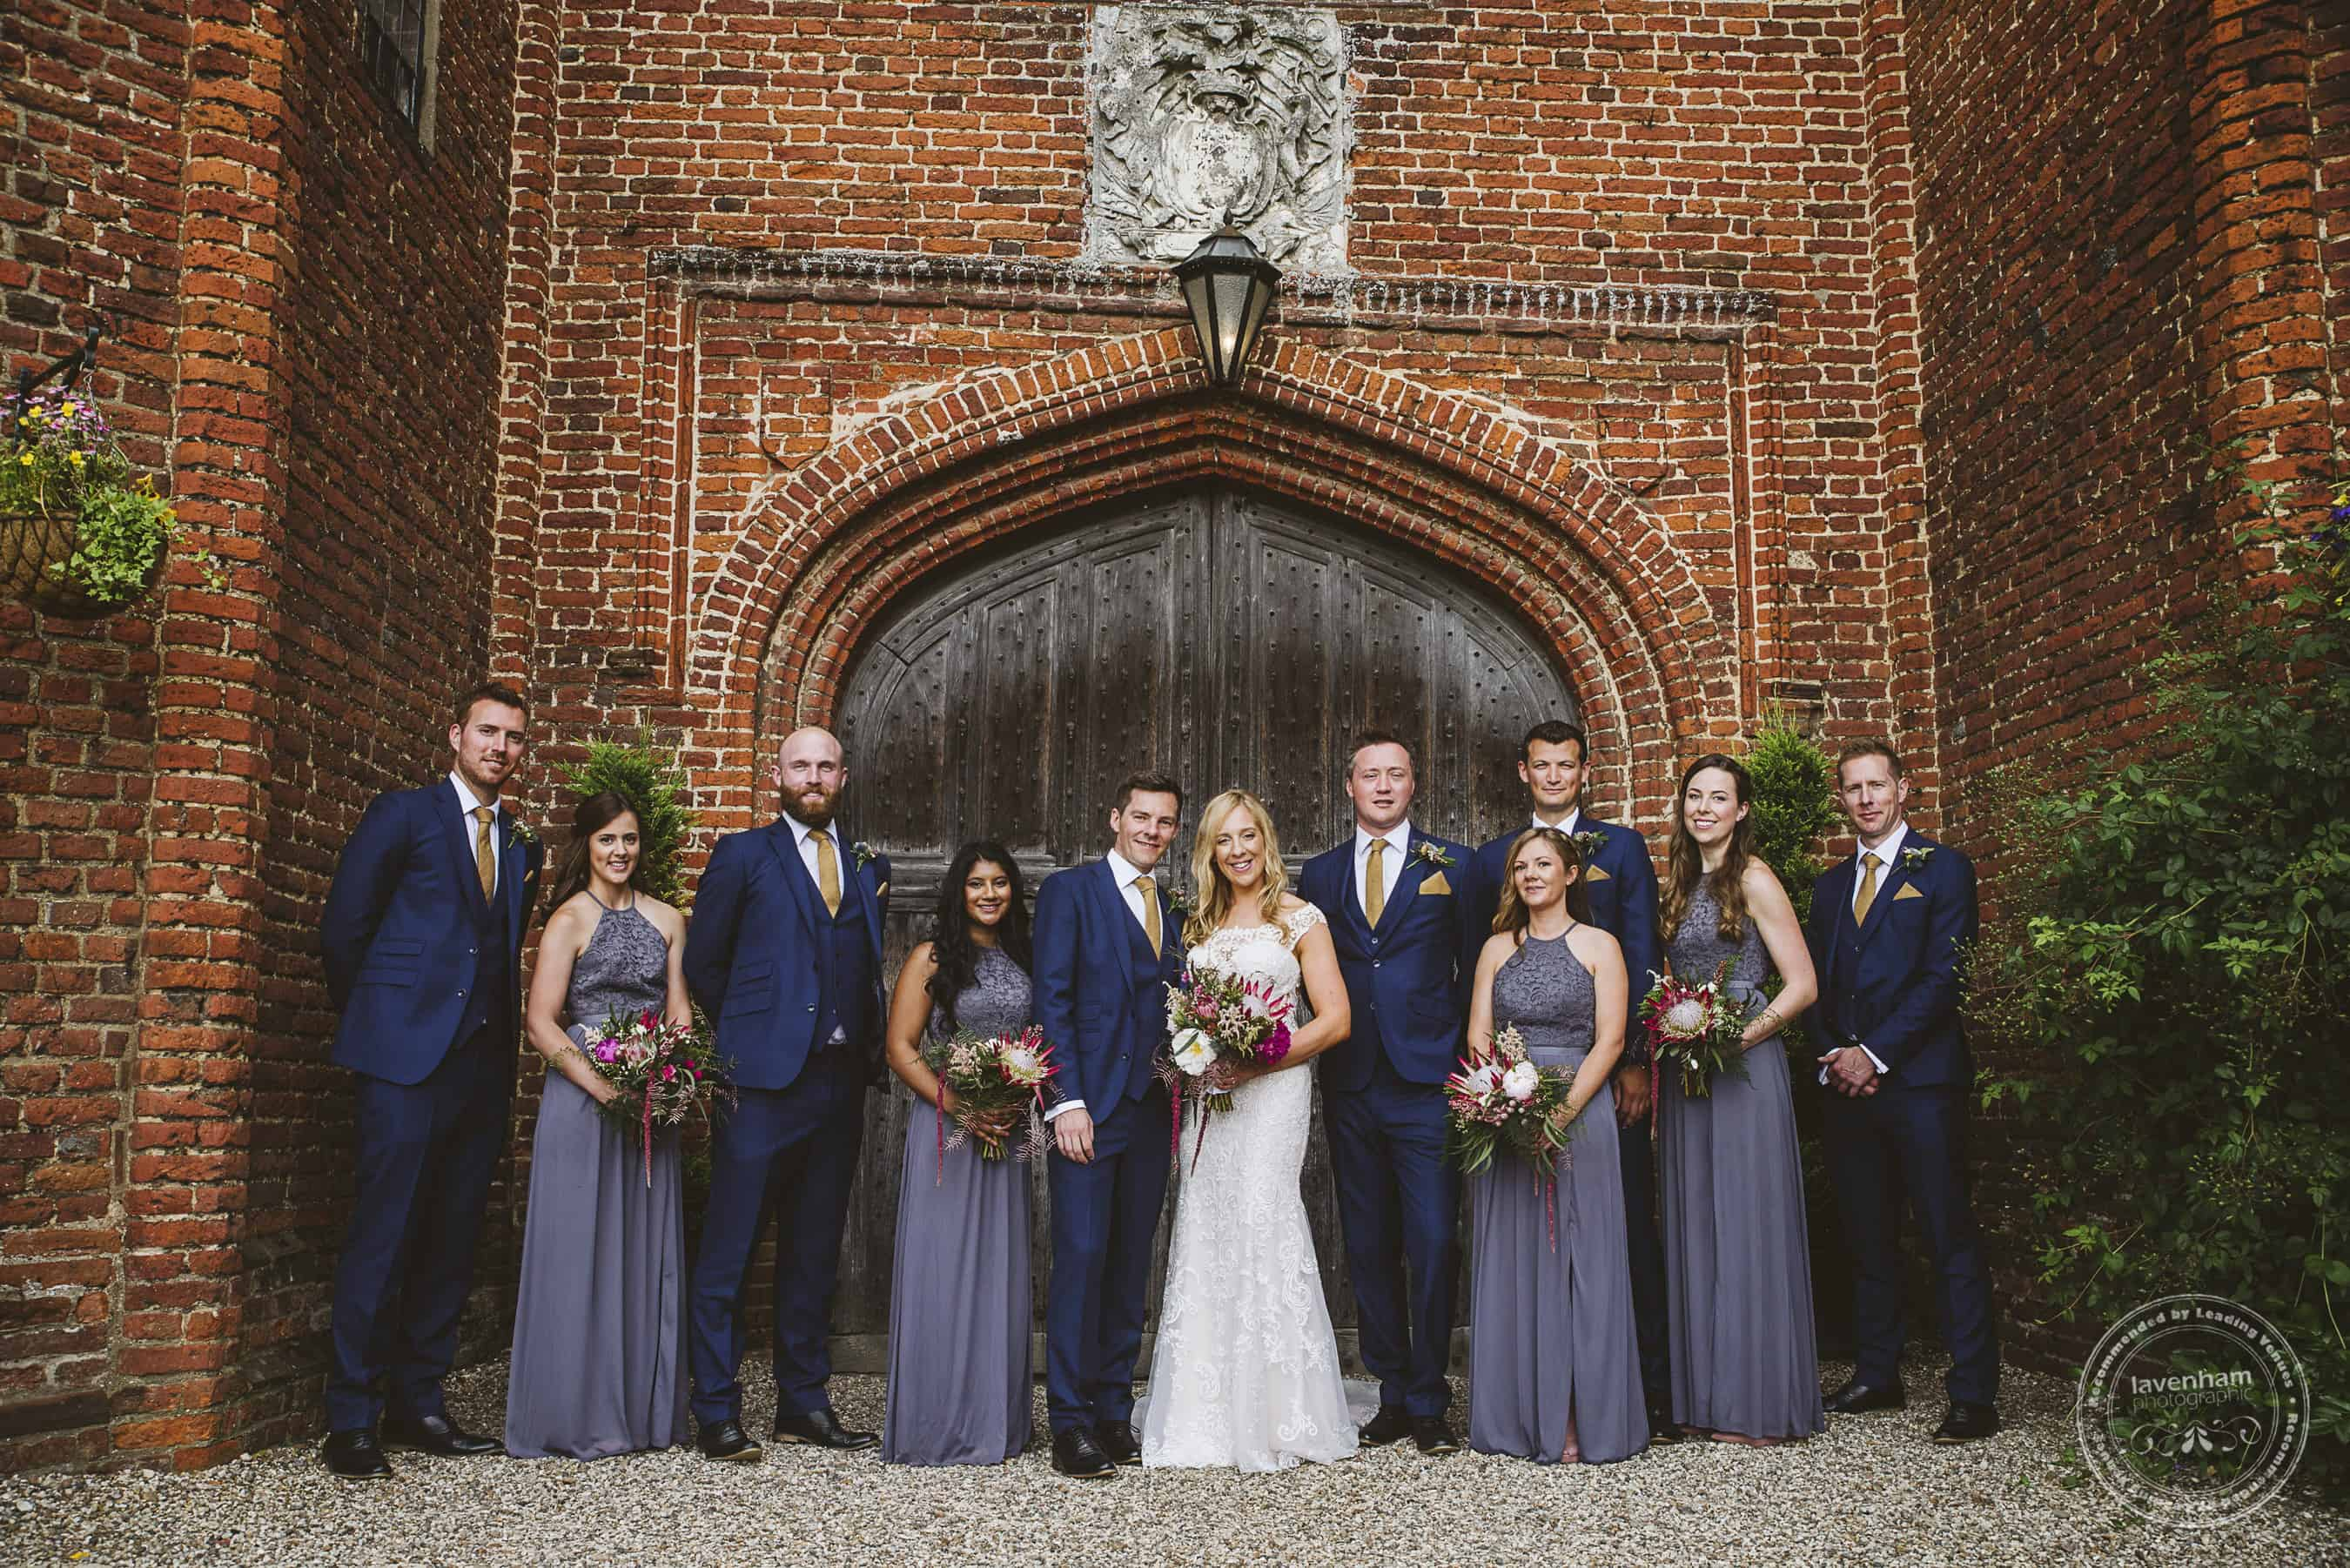 020618 Leez Priory Wedding Photography Lavenham Photographic 078